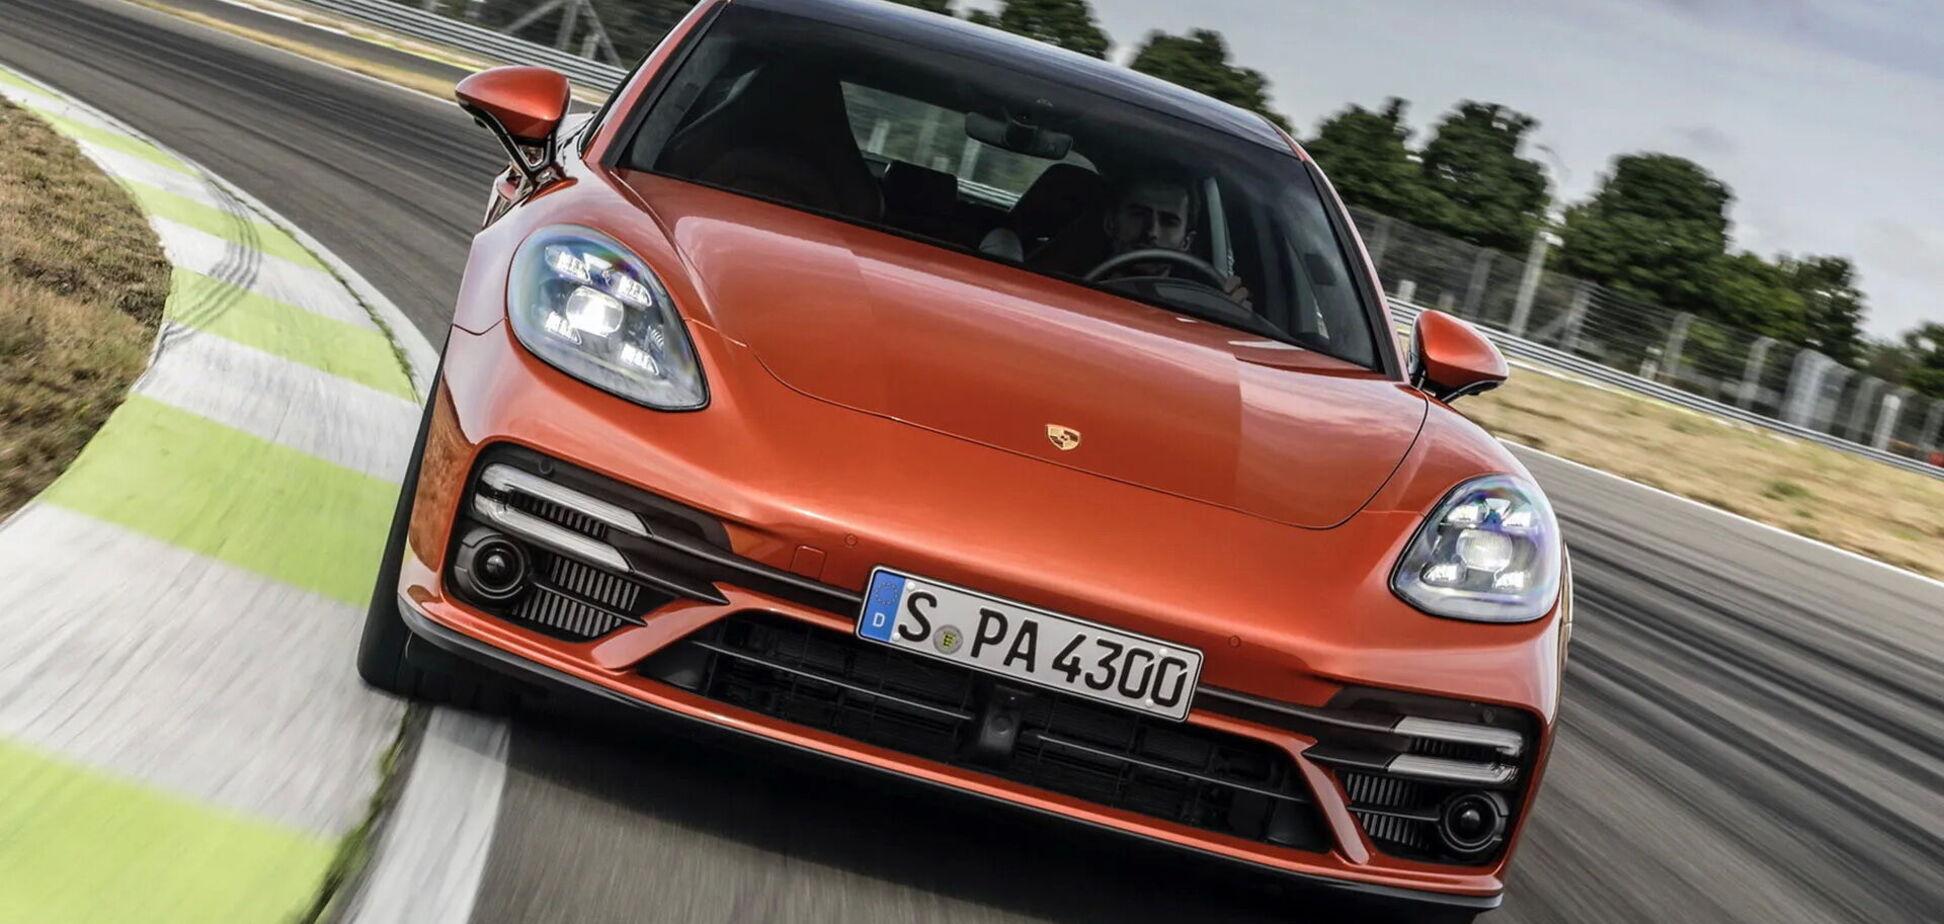 Porsche має намір використовувати на моделях з ДВС метанол